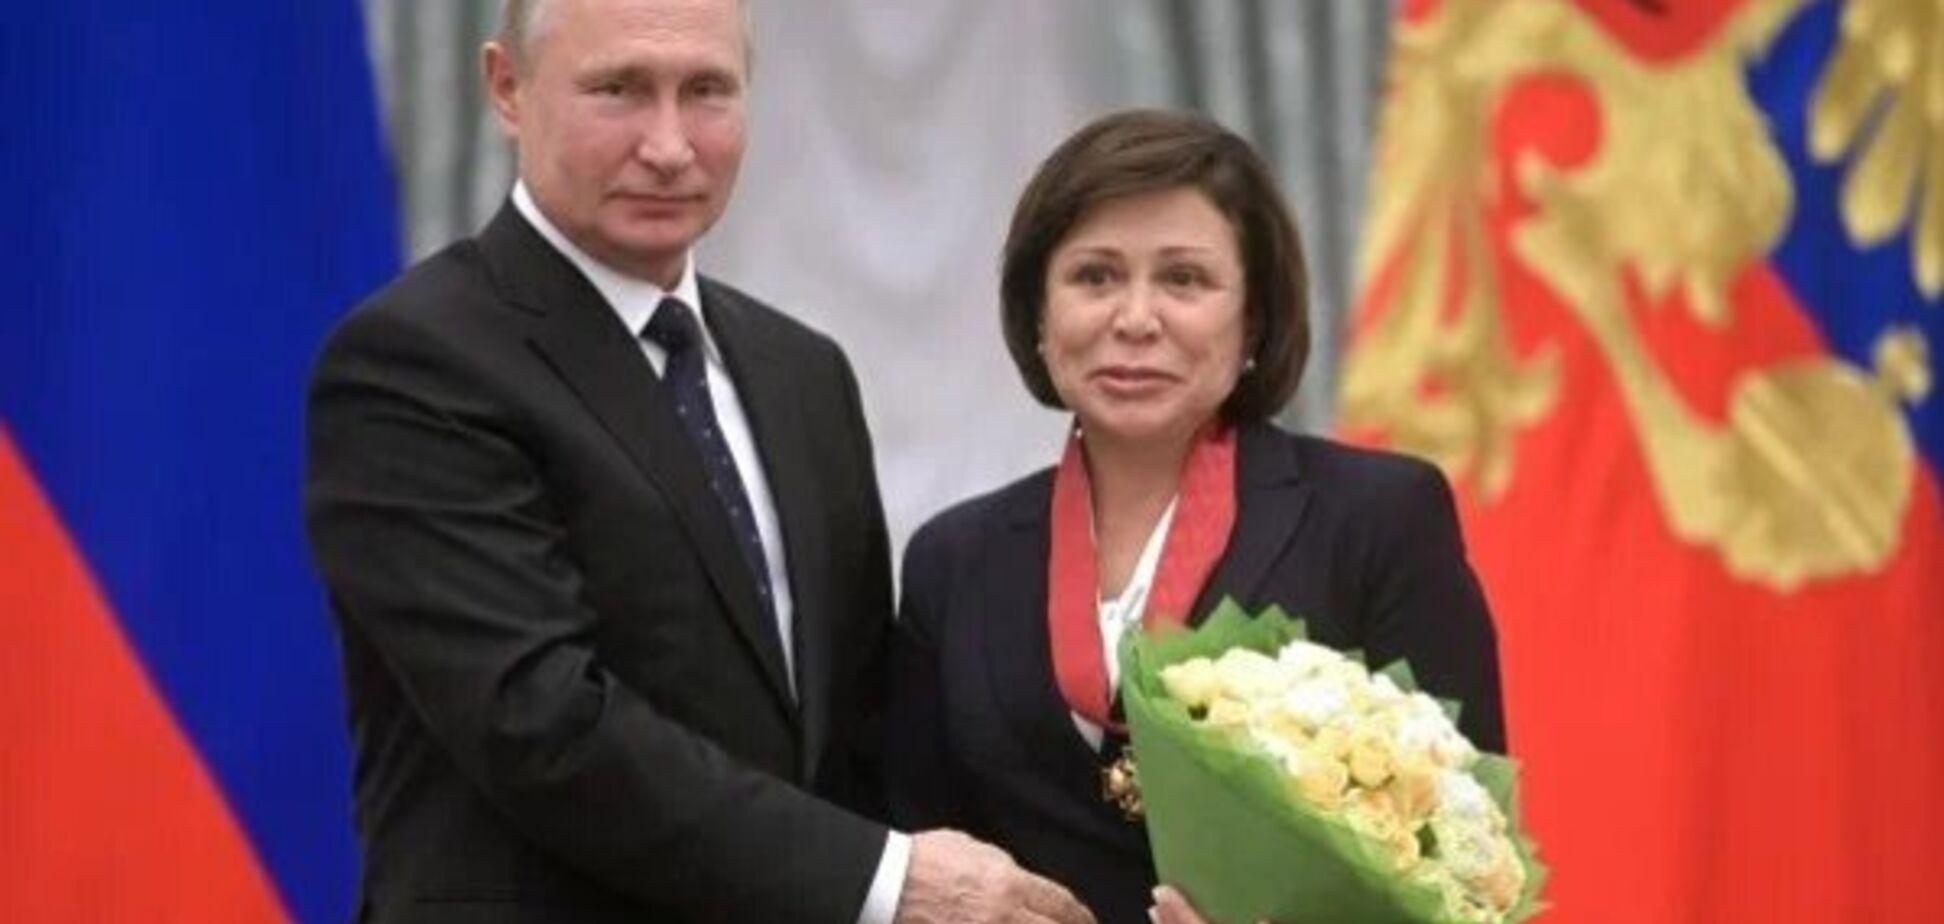 Роднина назвала просьбы россиян о помощи в кризис 'ненормальными стенаниями'